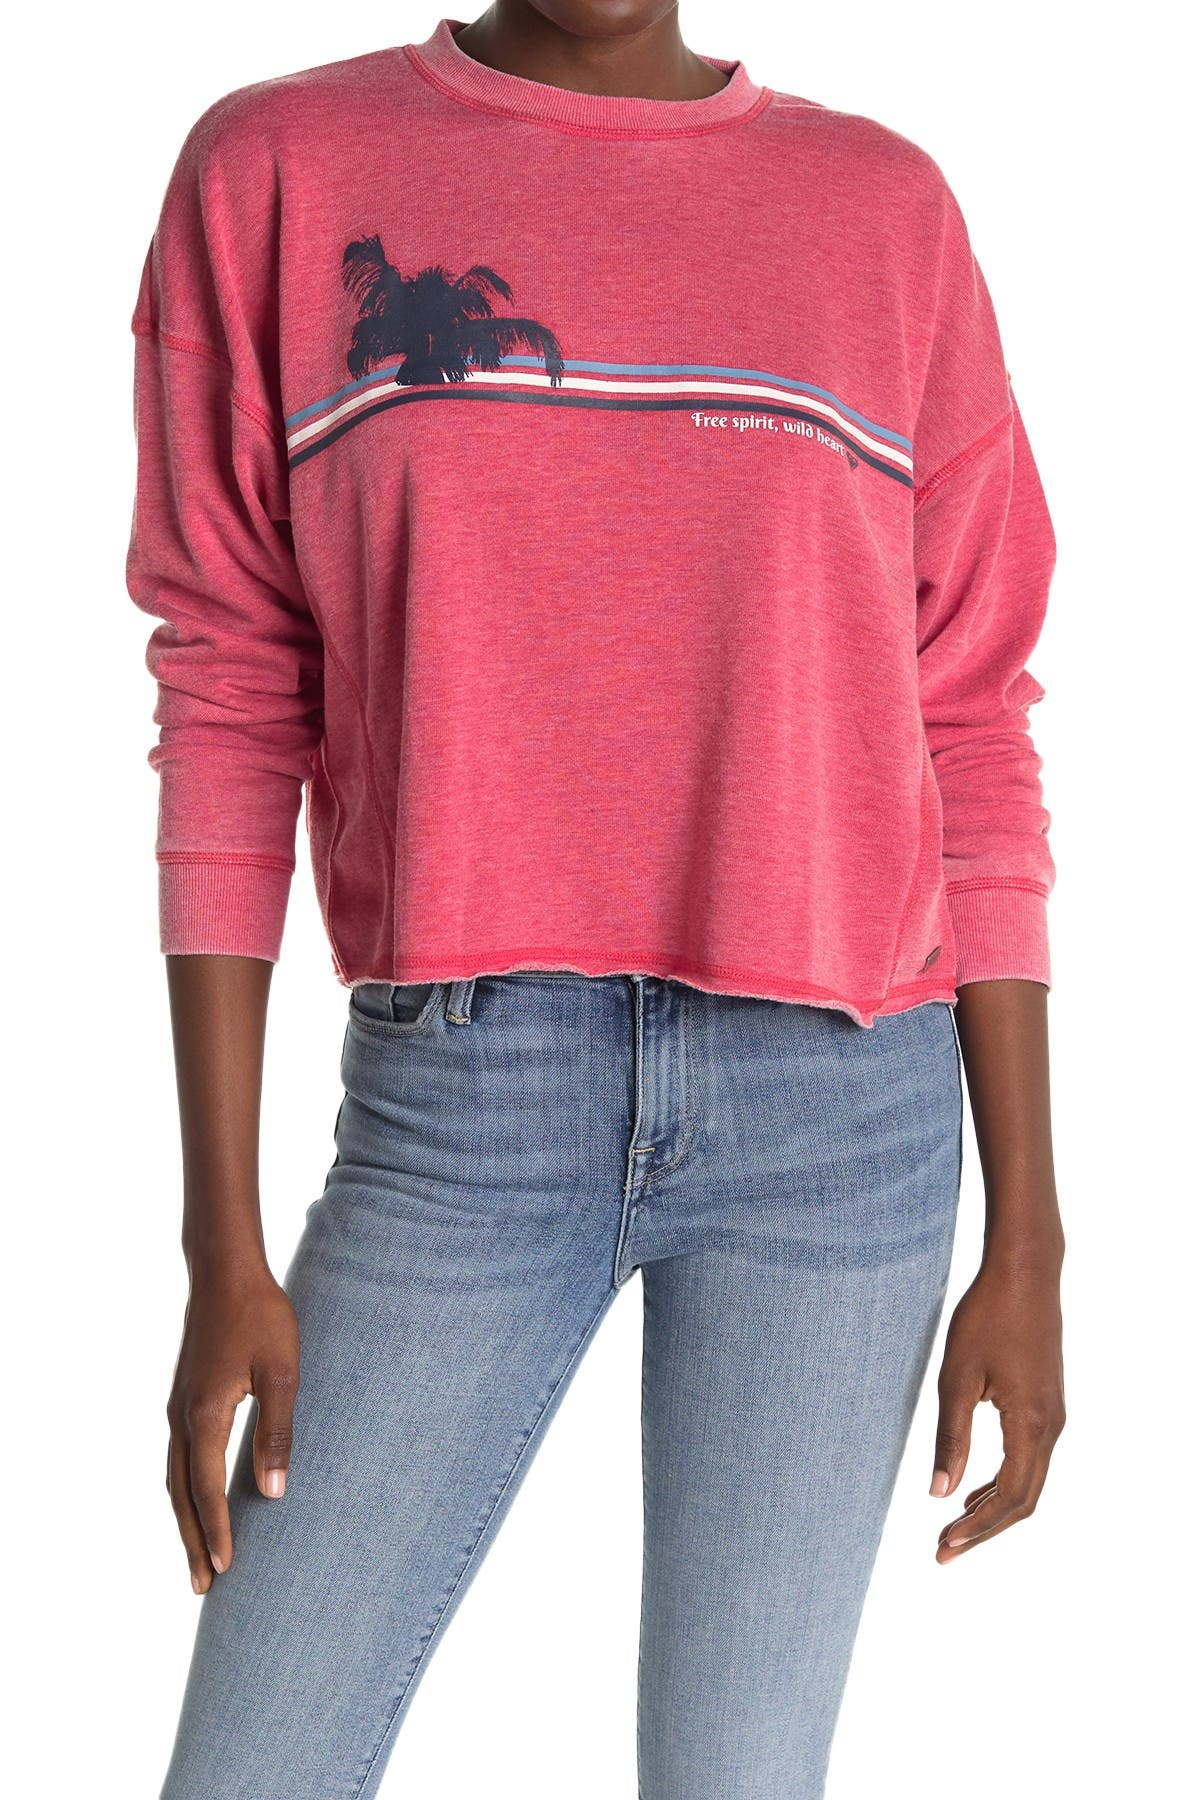 Image of Roxy Dream Believer Sweatshirt